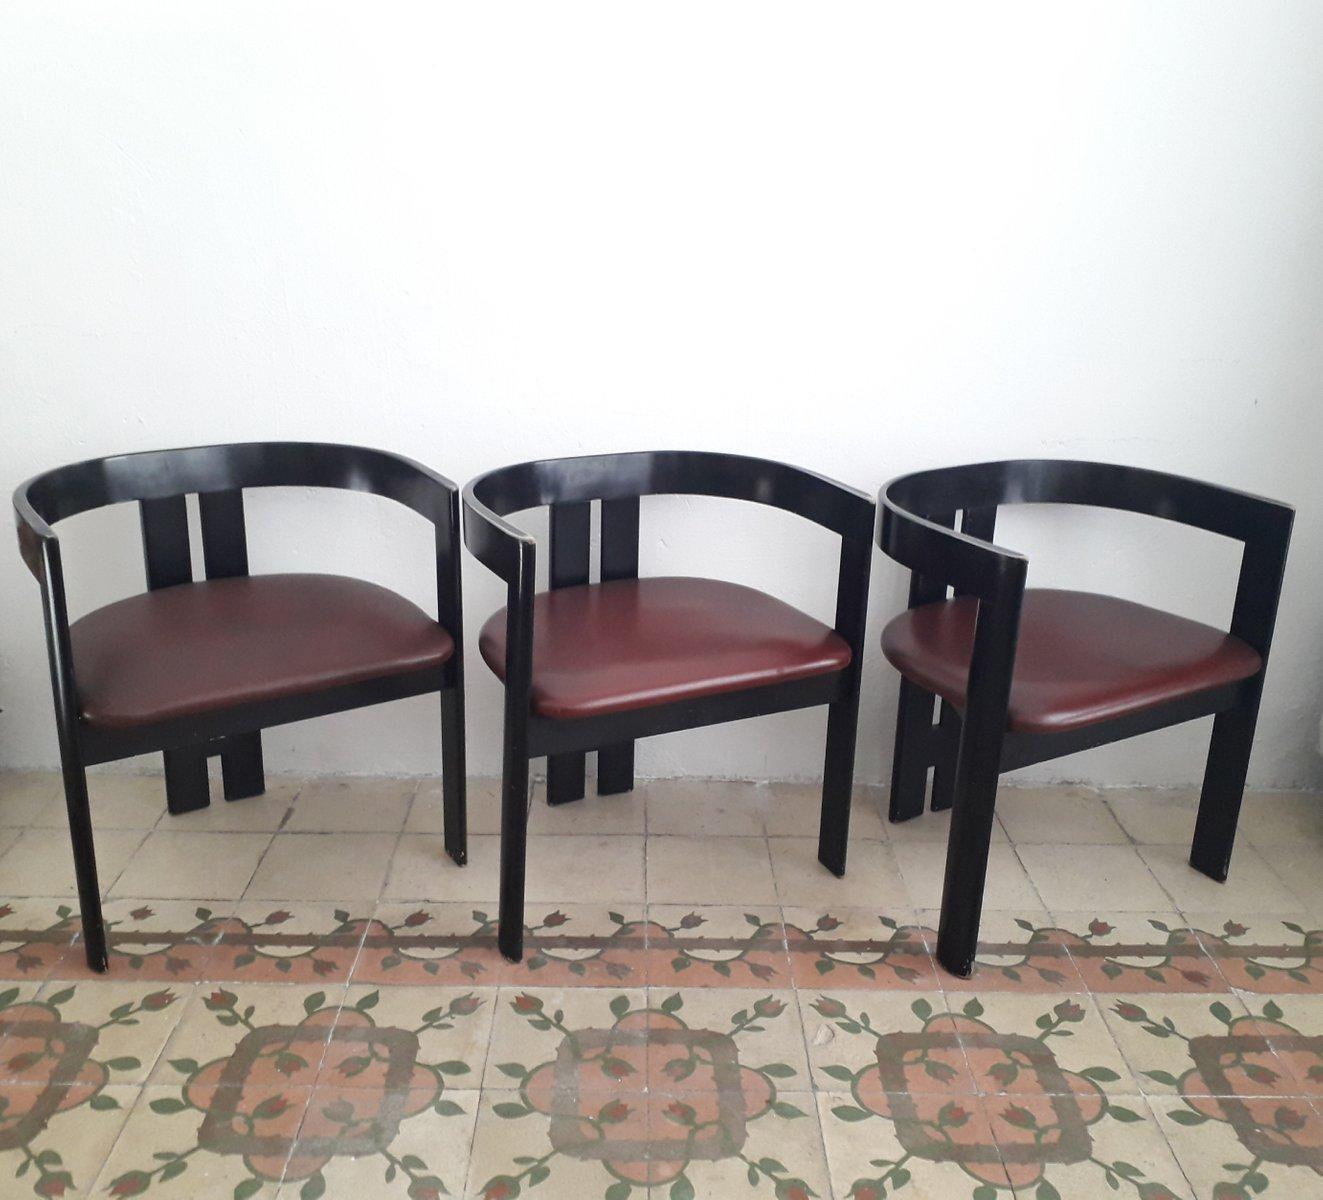 pigreco st hle von tobia scarpa f r myc 1950er 3er set bei pamono kaufen. Black Bedroom Furniture Sets. Home Design Ideas